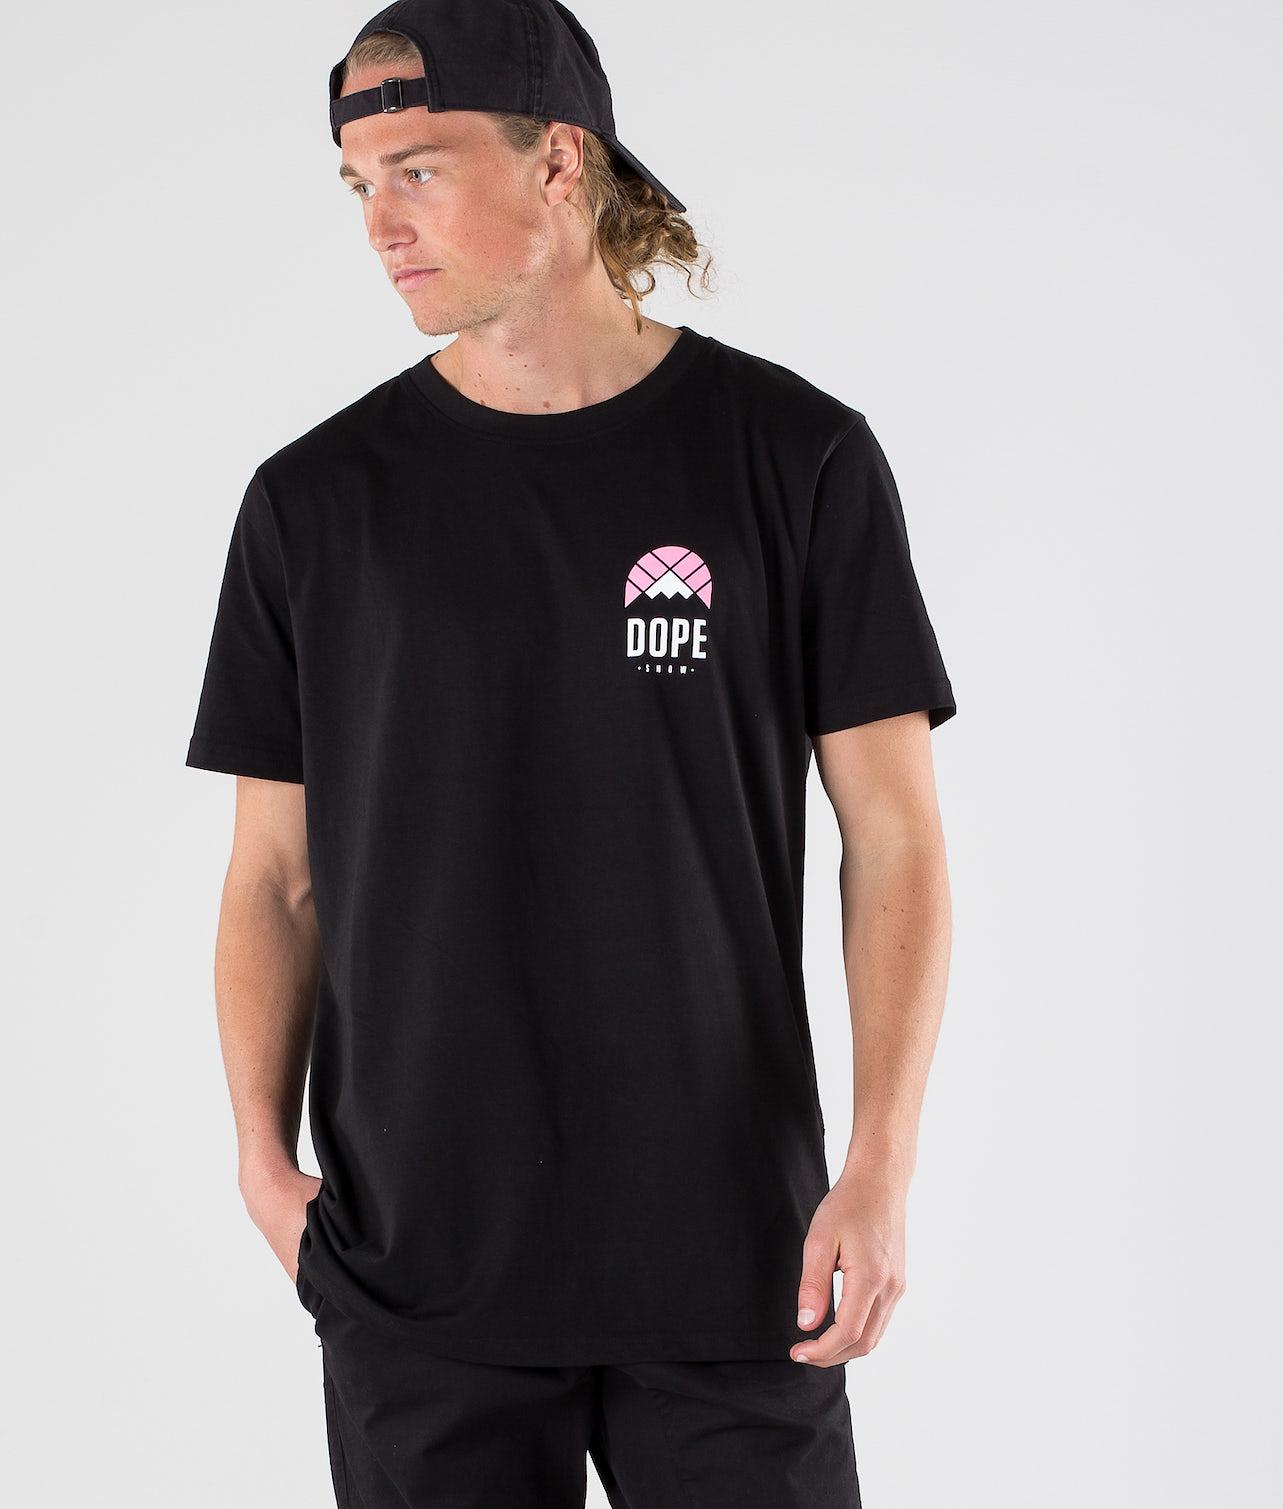 Kjøp Retro T-shirt fra Dope på Ridestore.no - Hos oss har du alltid fri frakt, fri retur og 30 dagers åpent kjøp!